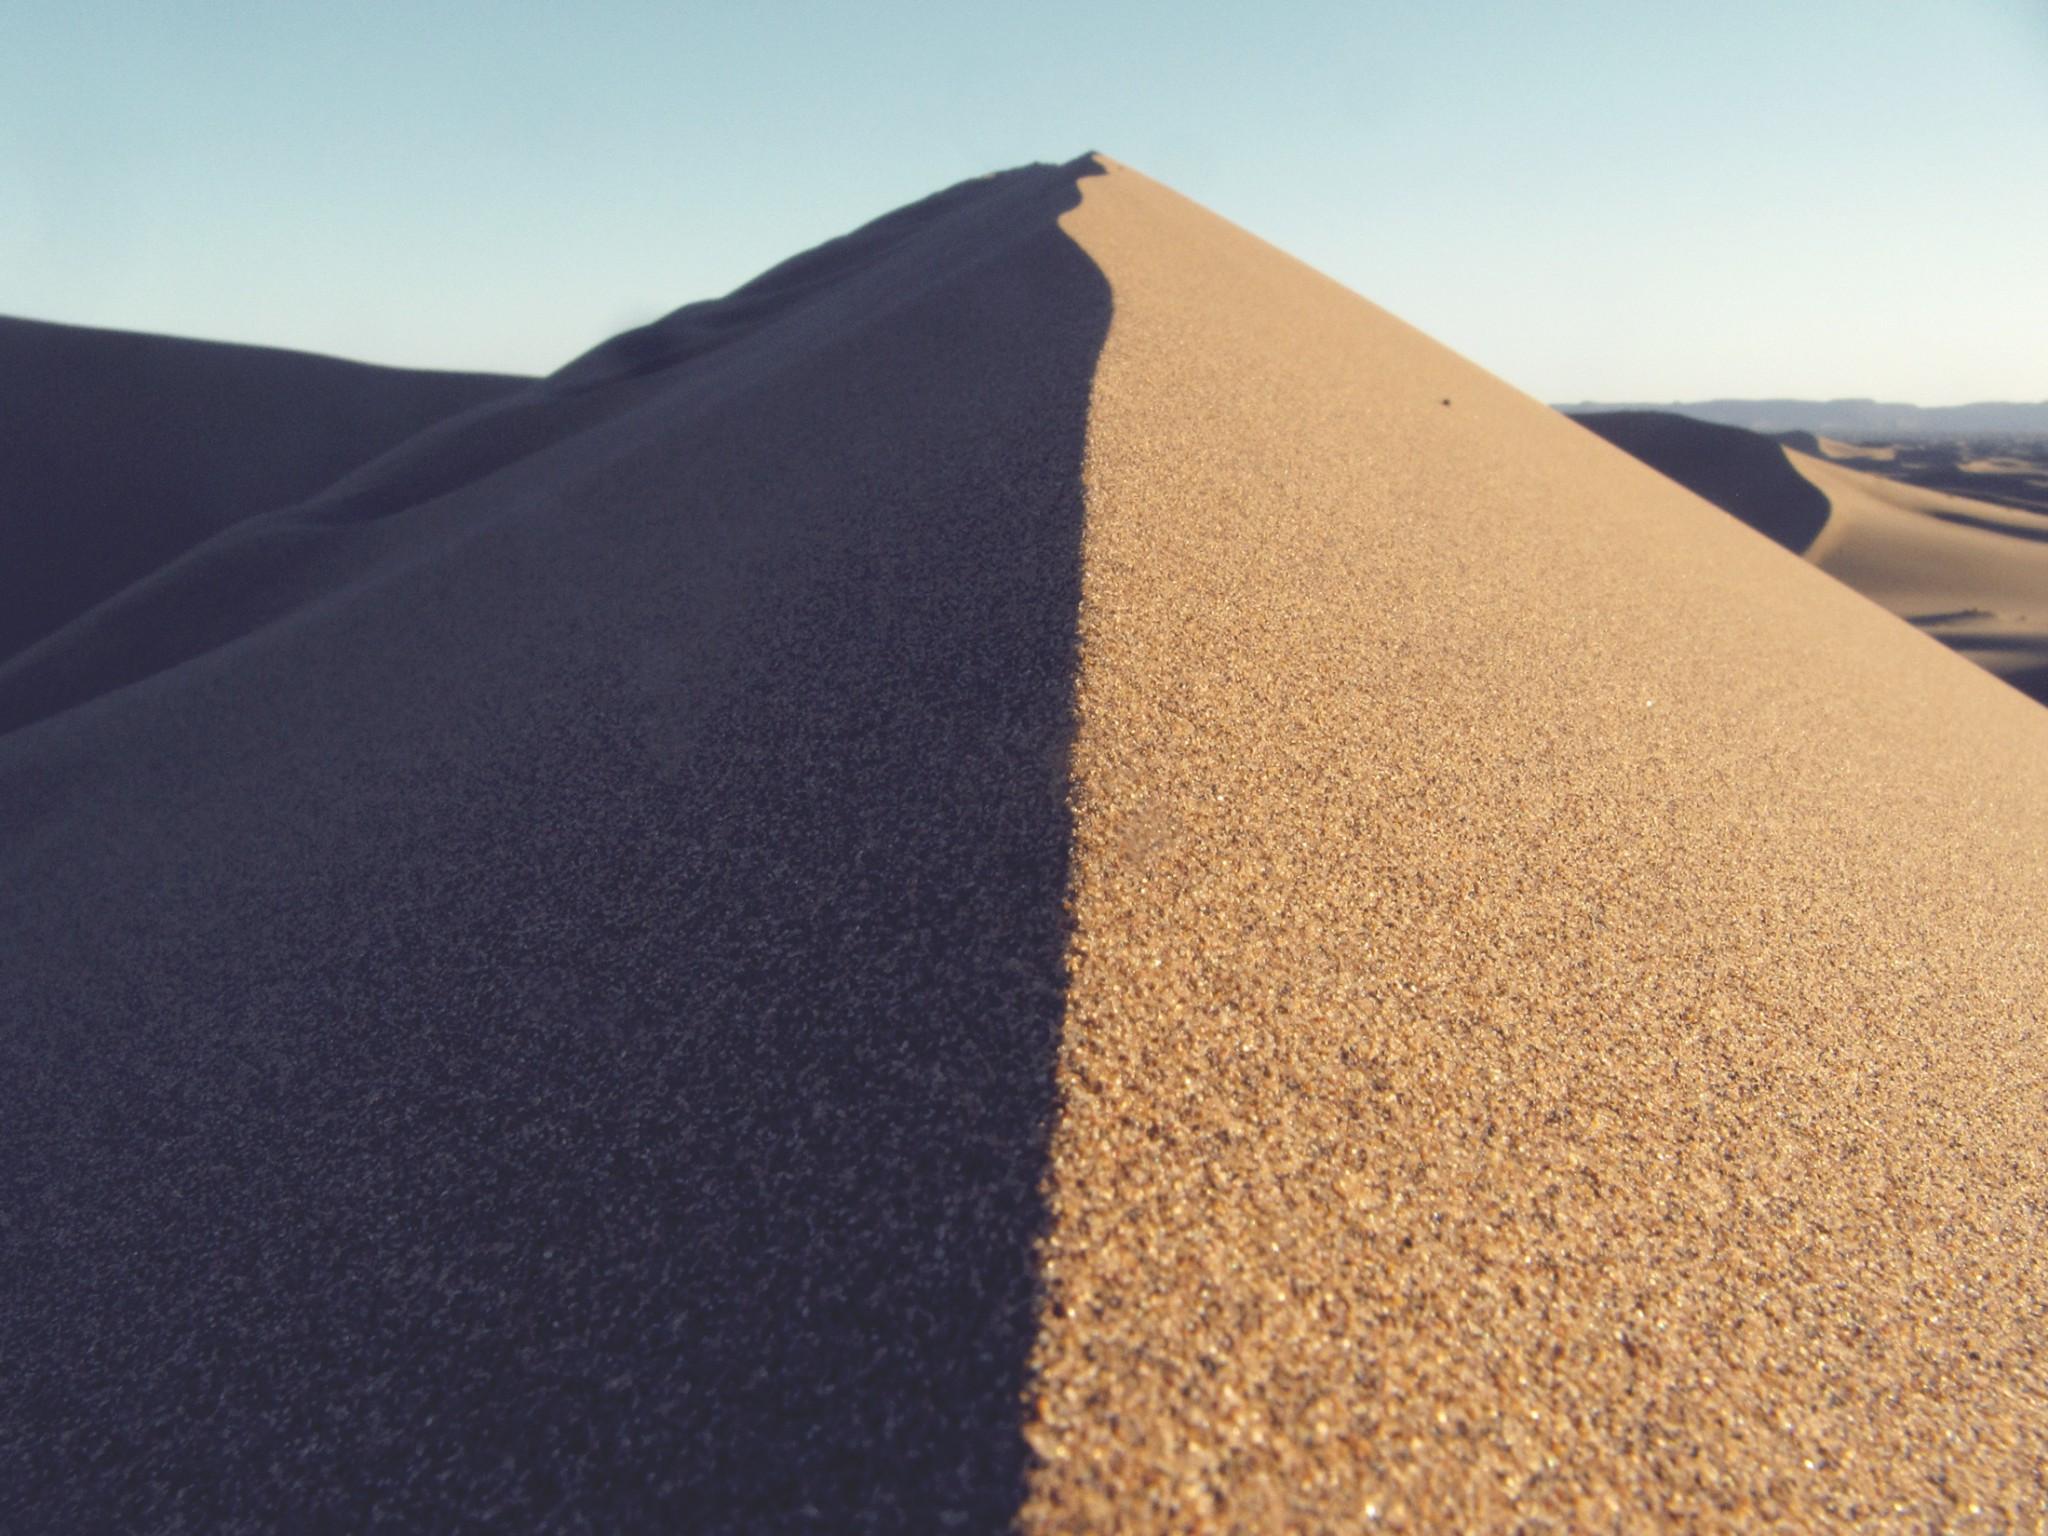 landscape-sand-desert-dune-sand-dune-symmetrical-182-pxhere.com